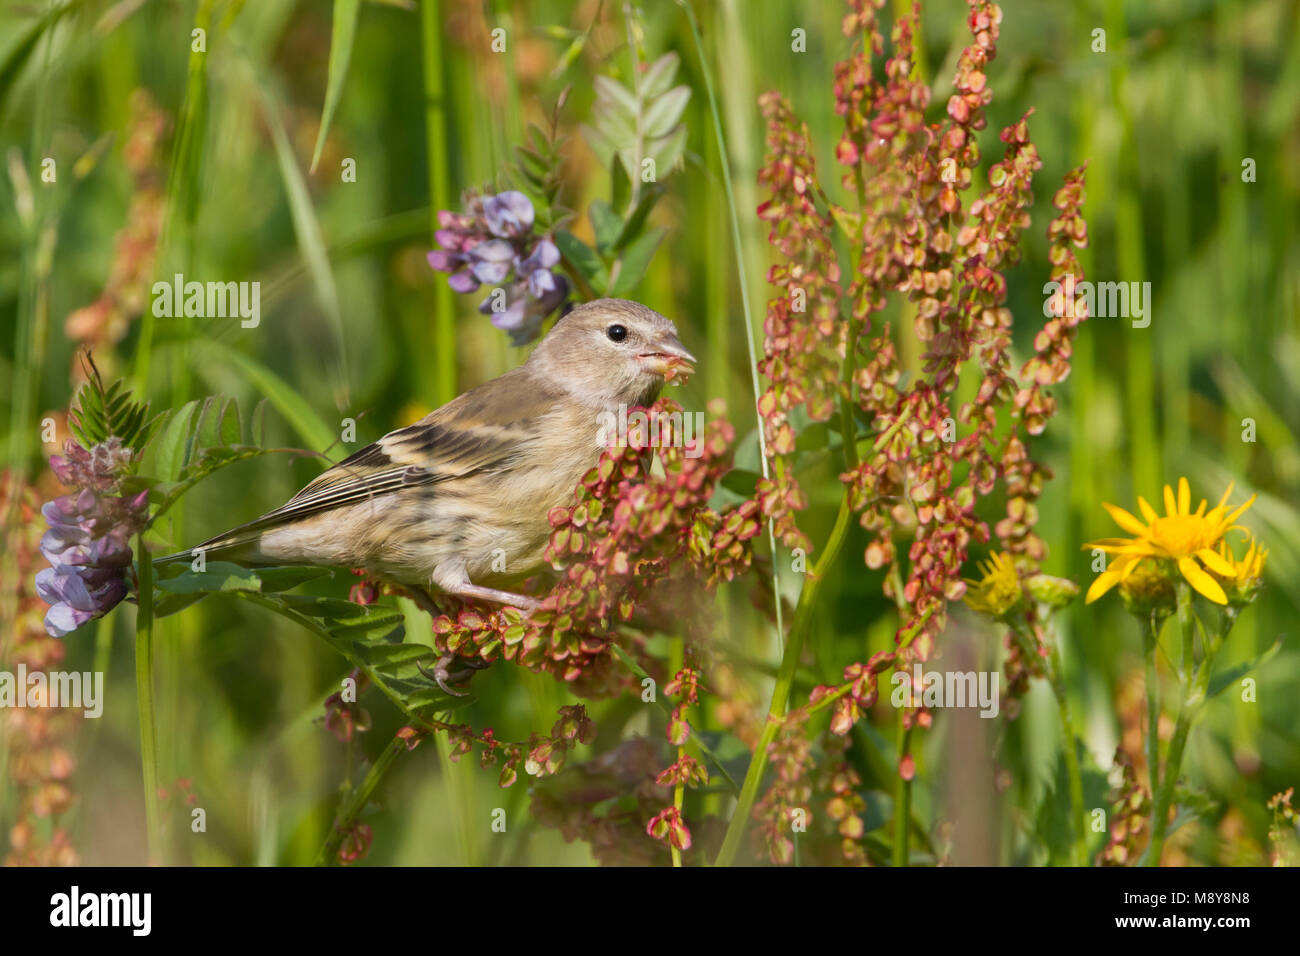 Citril Finch - Zitronengirlitz - Carduelis citrinella, Austria, juvenile - Stock Image